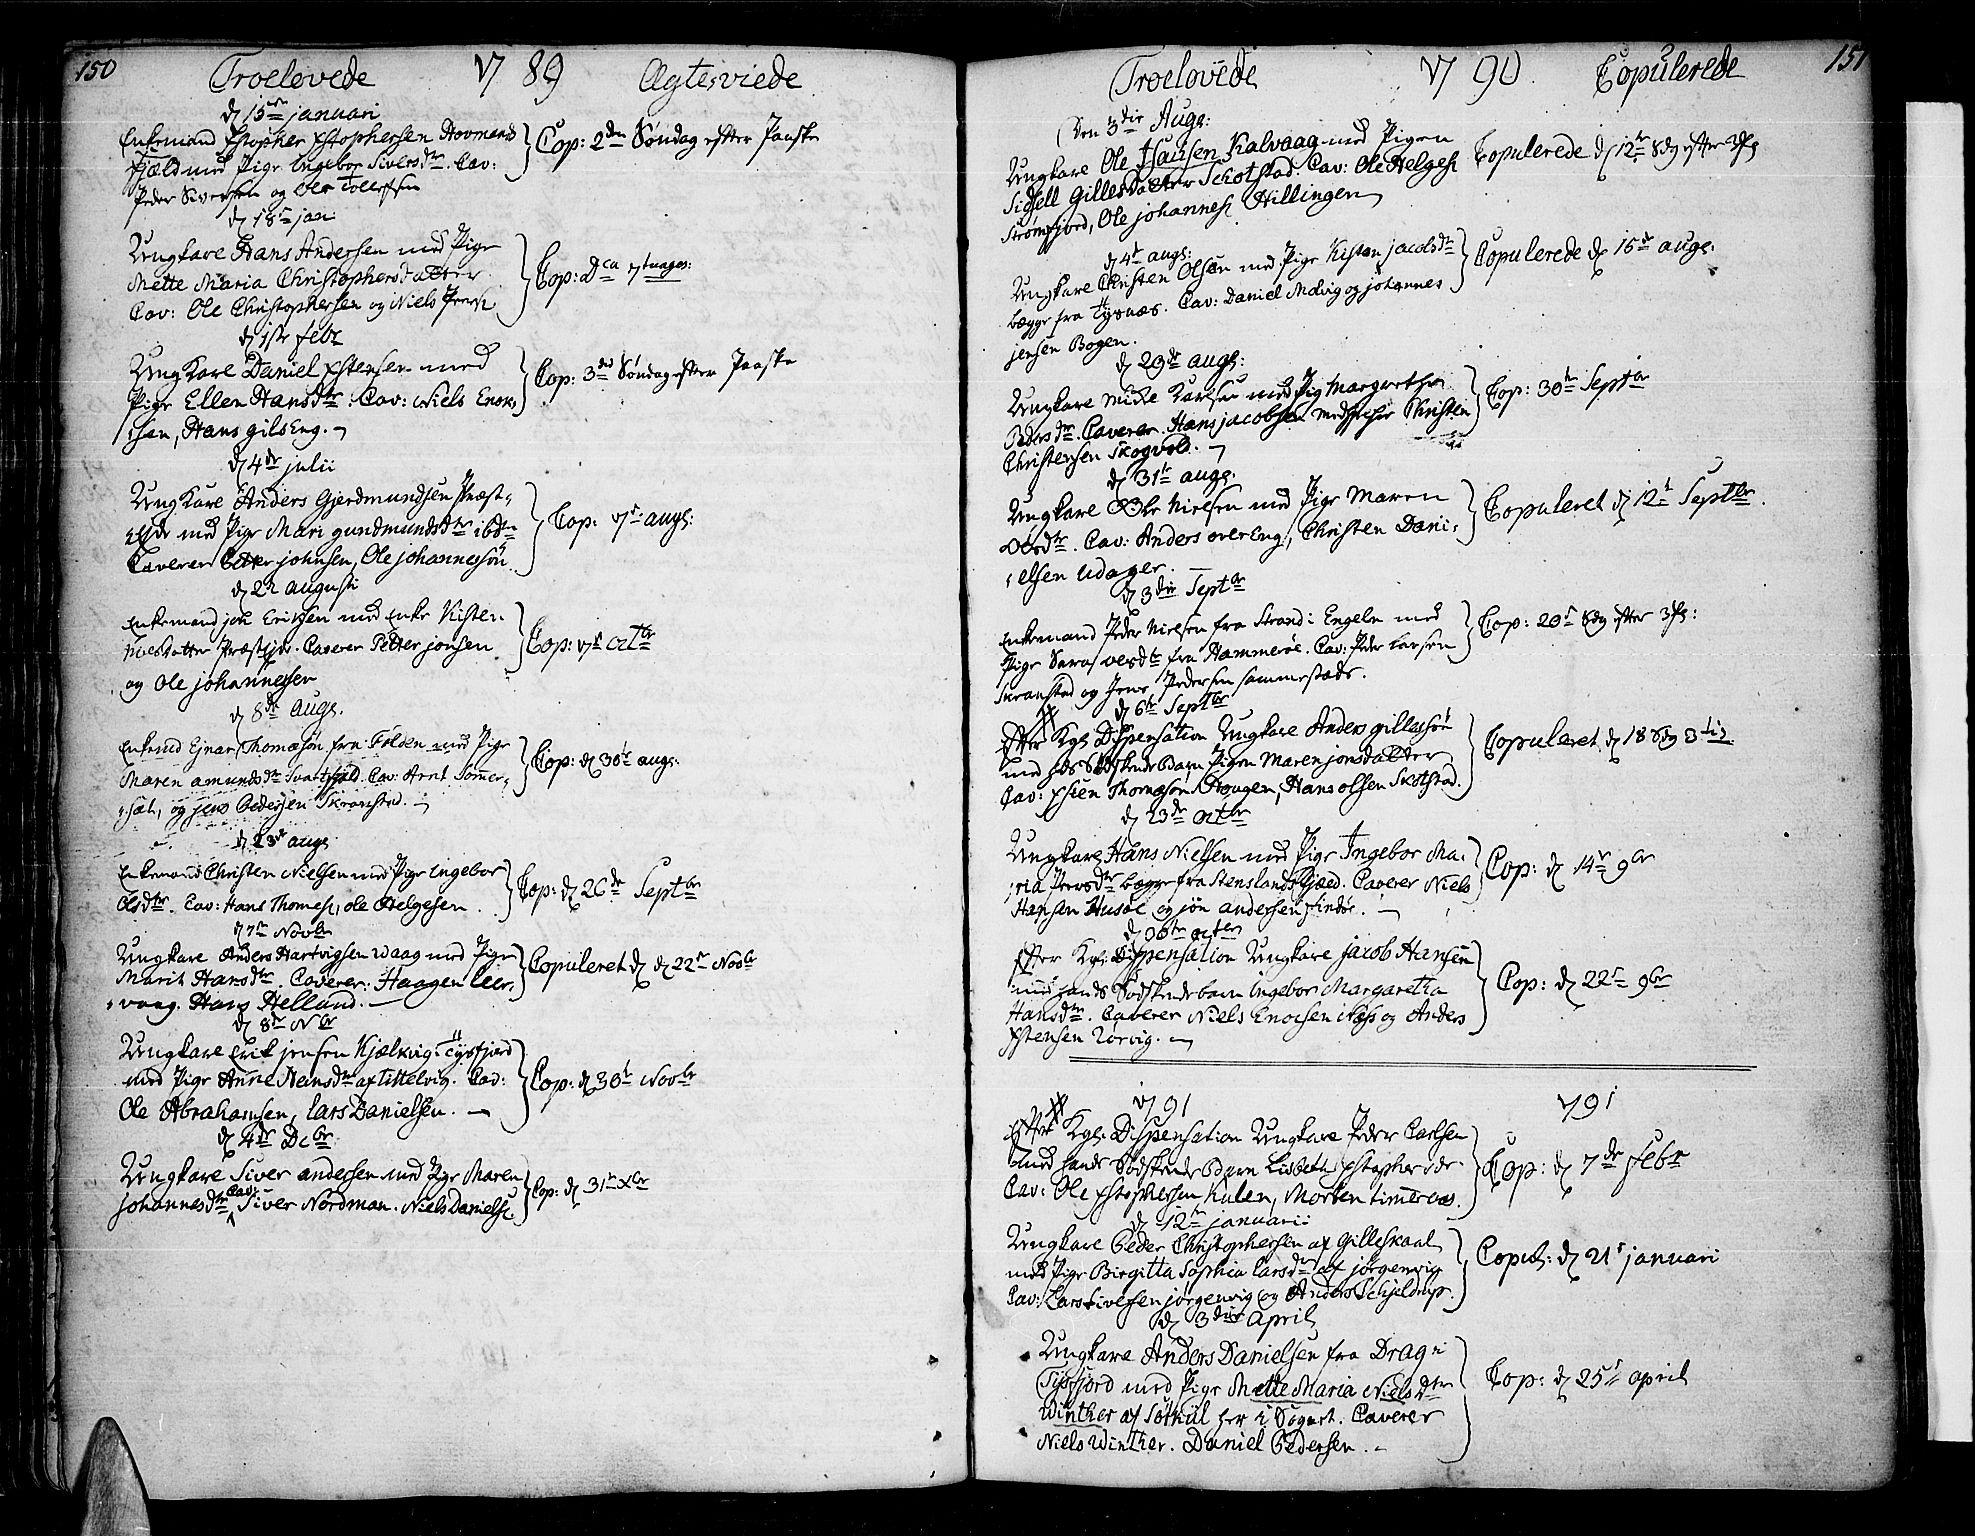 SAT, Ministerialprotokoller, klokkerbøker og fødselsregistre - Nordland, 859/L0841: Parish register (official) no. 859A01, 1766-1821, p. 150-151